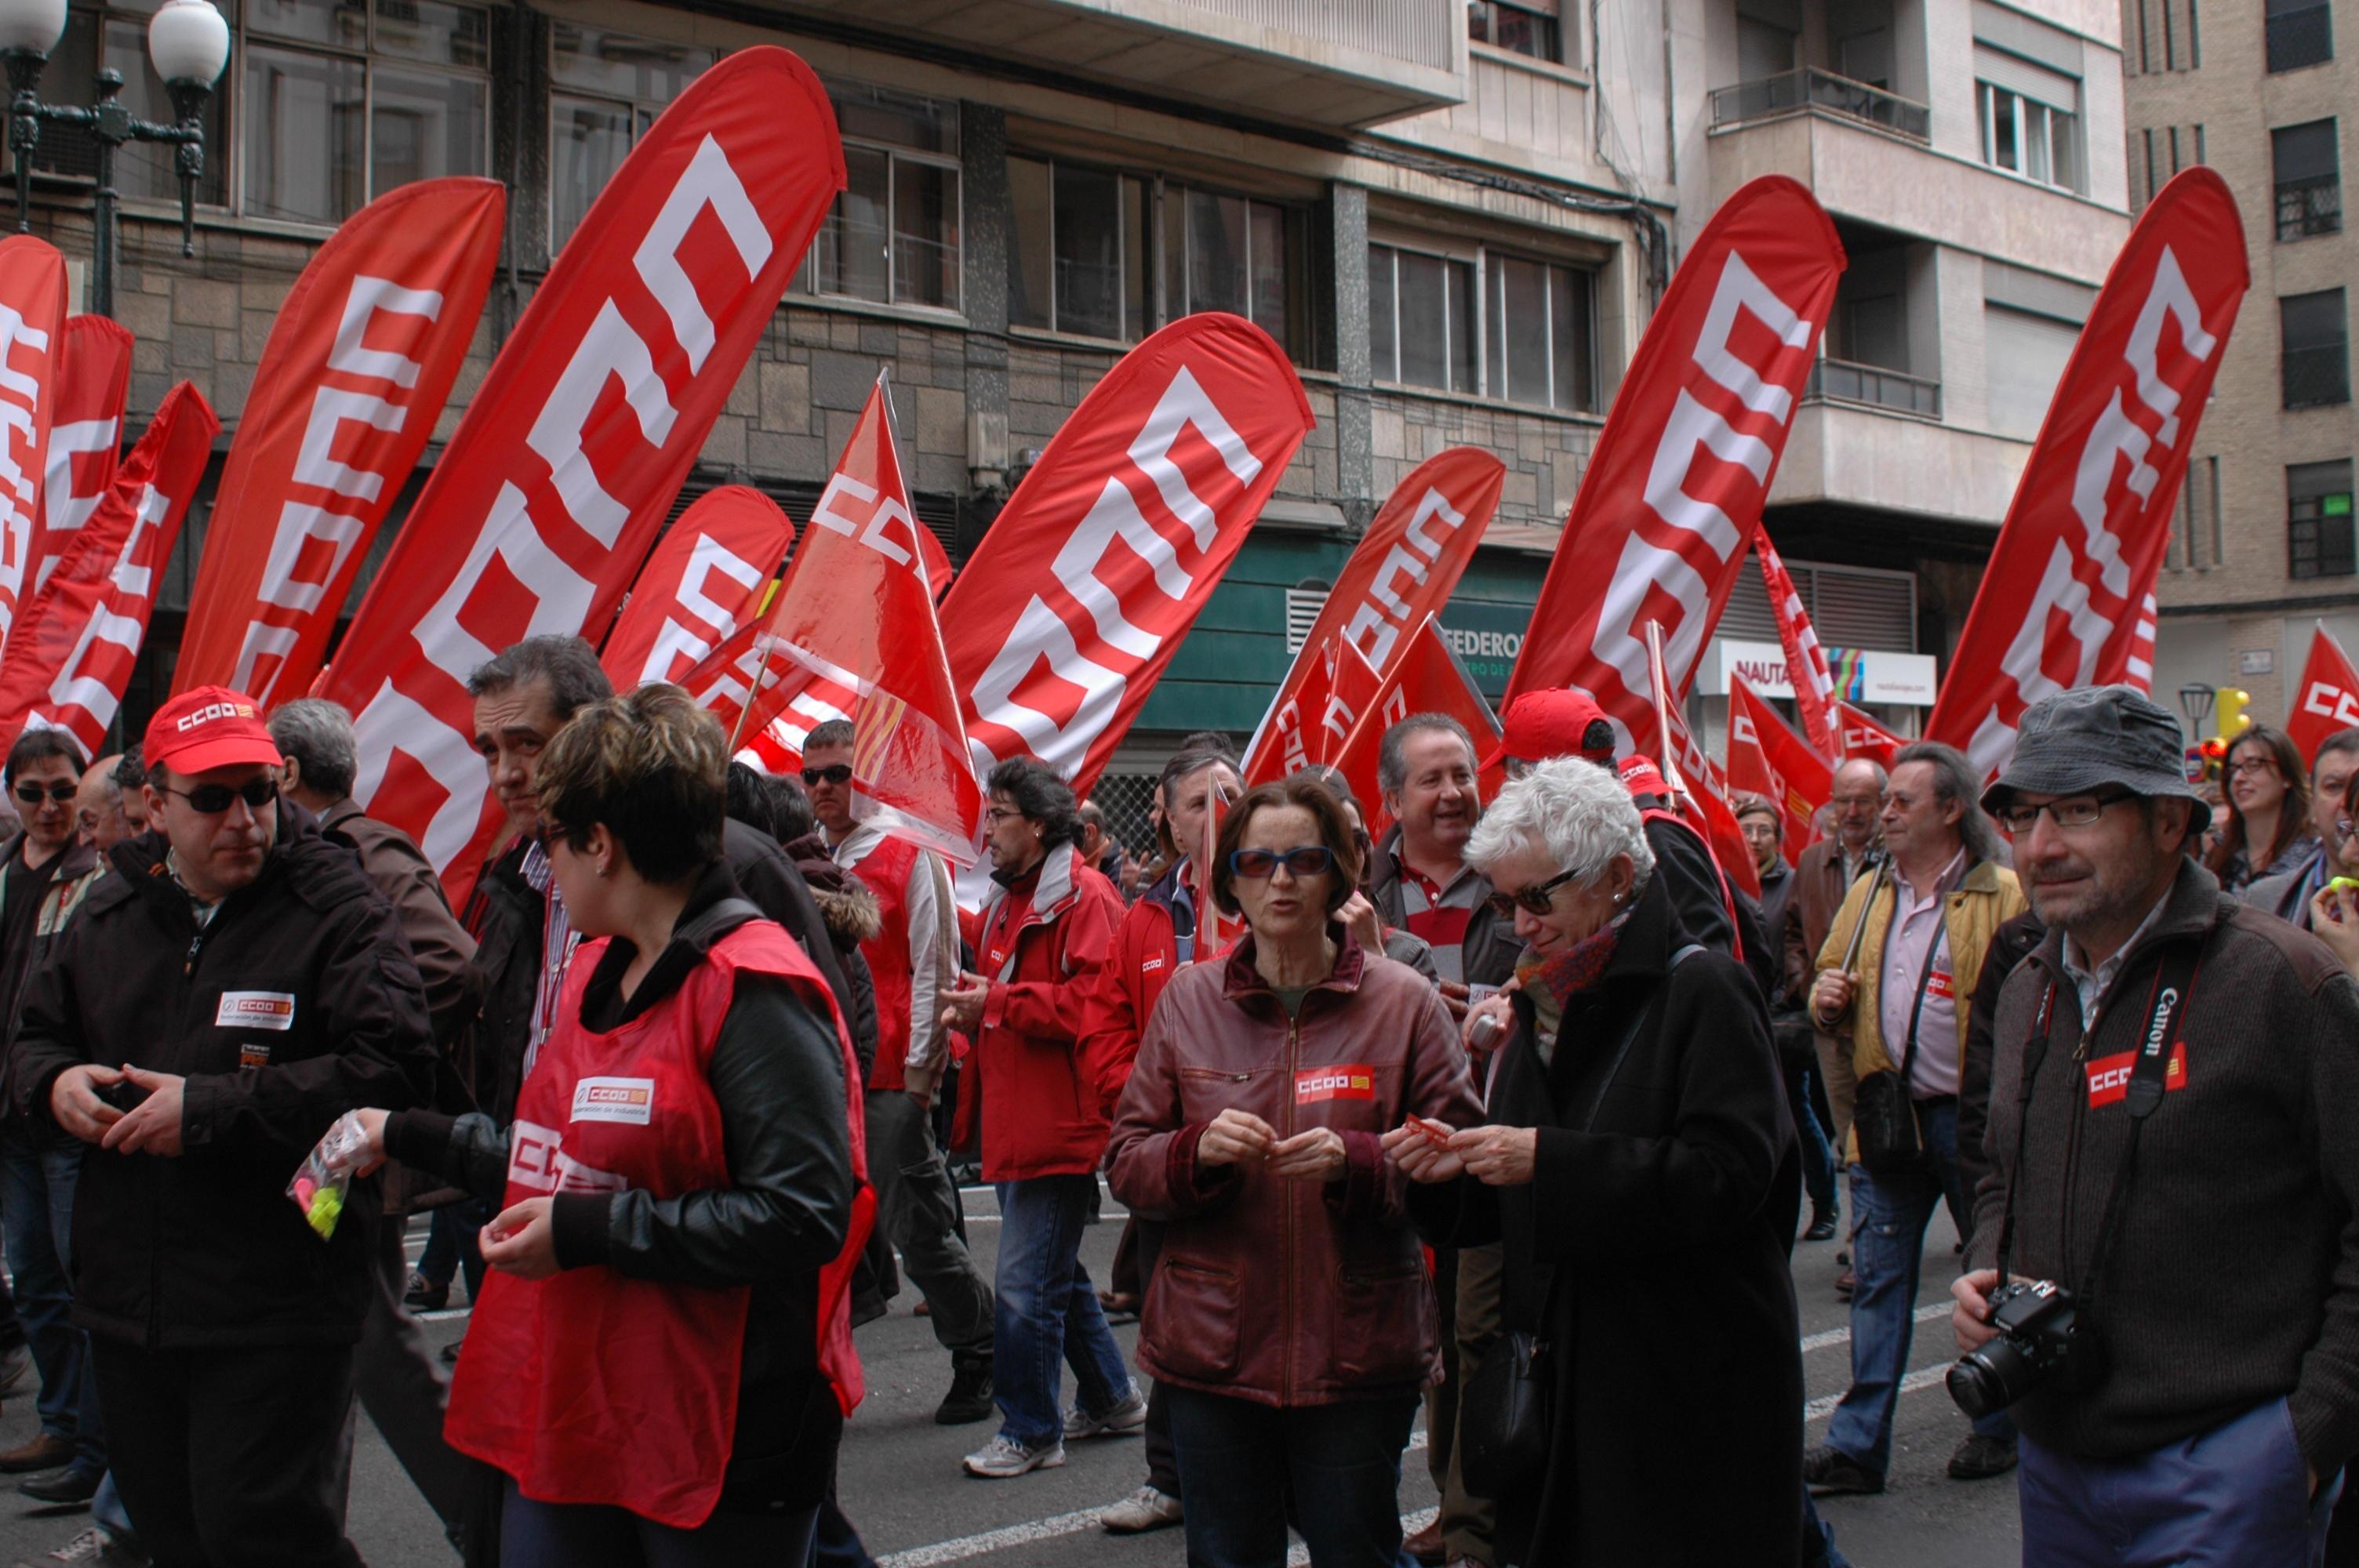 Los sindicatos quieren tomar la calle